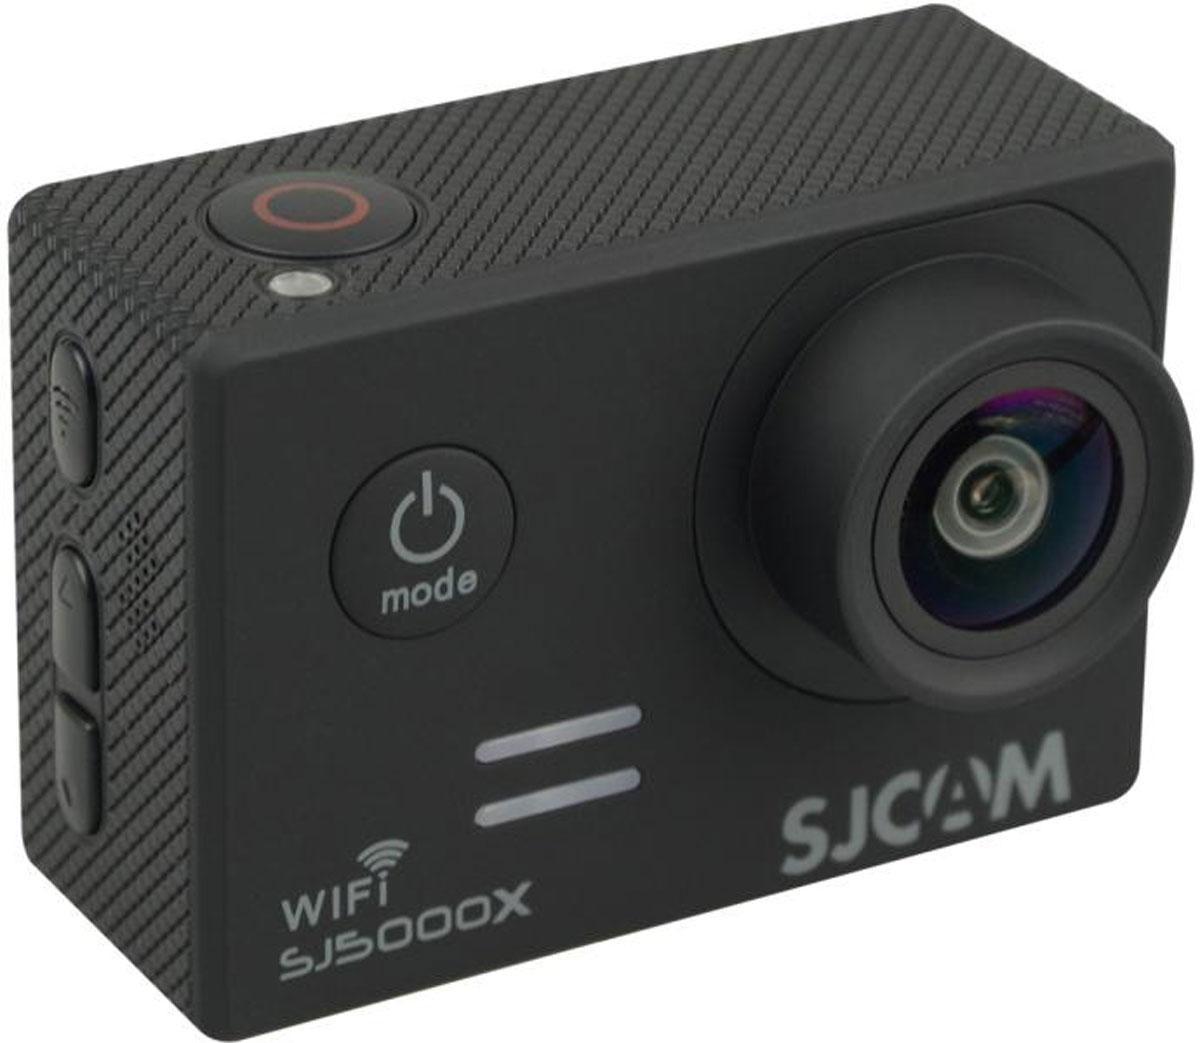 SJCAM SJ5000X Elite, Black экшн-камераSJCAM SJ5000X Elite (black);SJCAM SJ5000X Elite (black)Экшн-камера SJCAM SJ5000X Elite – это отлично зарекомендовавшая себя модель среднего ценового диапазона, которую отличает стильный внешний дизайн, удобство и функциональность использования. Это первая модель SJCAM, способная снимать в интерполированном разрешении 4K. Она идеально подойдет тем пользователям, которые мечтают выйти за рамки Full HD видео с частотой 30 кадров/в сек.Внешне данная камера может иметь несколько вариантов исполнения по цвету. В отличии от предыдущих моделей, камера получила новый экран и другое исполнение кнопок управления. Это связано с сокращением производственных расходов и отлаженной эргономикой, которая успешно прошла все тесты и практические испытания на работоспособность. Корпус камеры отличается компактными размерами (61/42/25 мм) и малым весом (всего 68 грамм). Плюс в том, что эту модель можно применять для спонтанной съемки, нося камеру с собой в сумке.SJ5000X Elite отличает удобное расположение всех элементов. Вы легко и просто сможете включать режим Wi-Fi, перелистывать кадры, выключать камеру. Защитный кейс со специальным пружинным механизмом позволяет камере корректно функционировать даже в самых экстремальных условиях. Например, в воде или при сильном морозе.На правой части корпуса расположены: встроенный микрофон, слот для карты памяти MicroSD, разъемы MicroUSB и MicroHDMI. Стоит помнить о том, что высокое разрешение съемки нуждается в высокой скорости карты, поэтому к выбору накопителя стоит подходить ответственно.Камера имеет большой удобный экран и несколько информационных диодов которые отключаются при необходимости. Дисплей высокого качества, так что даже при ярком солнце изображение отлично видно.В качестве процессора в данной модели разработчики использовали Novatek 96660, который аппаратно может поддерживать 2К видео. Интерполяцией можно добиться разрешения 4К. Плюсом камеры является высококачественная матрица Sony IMX078, име